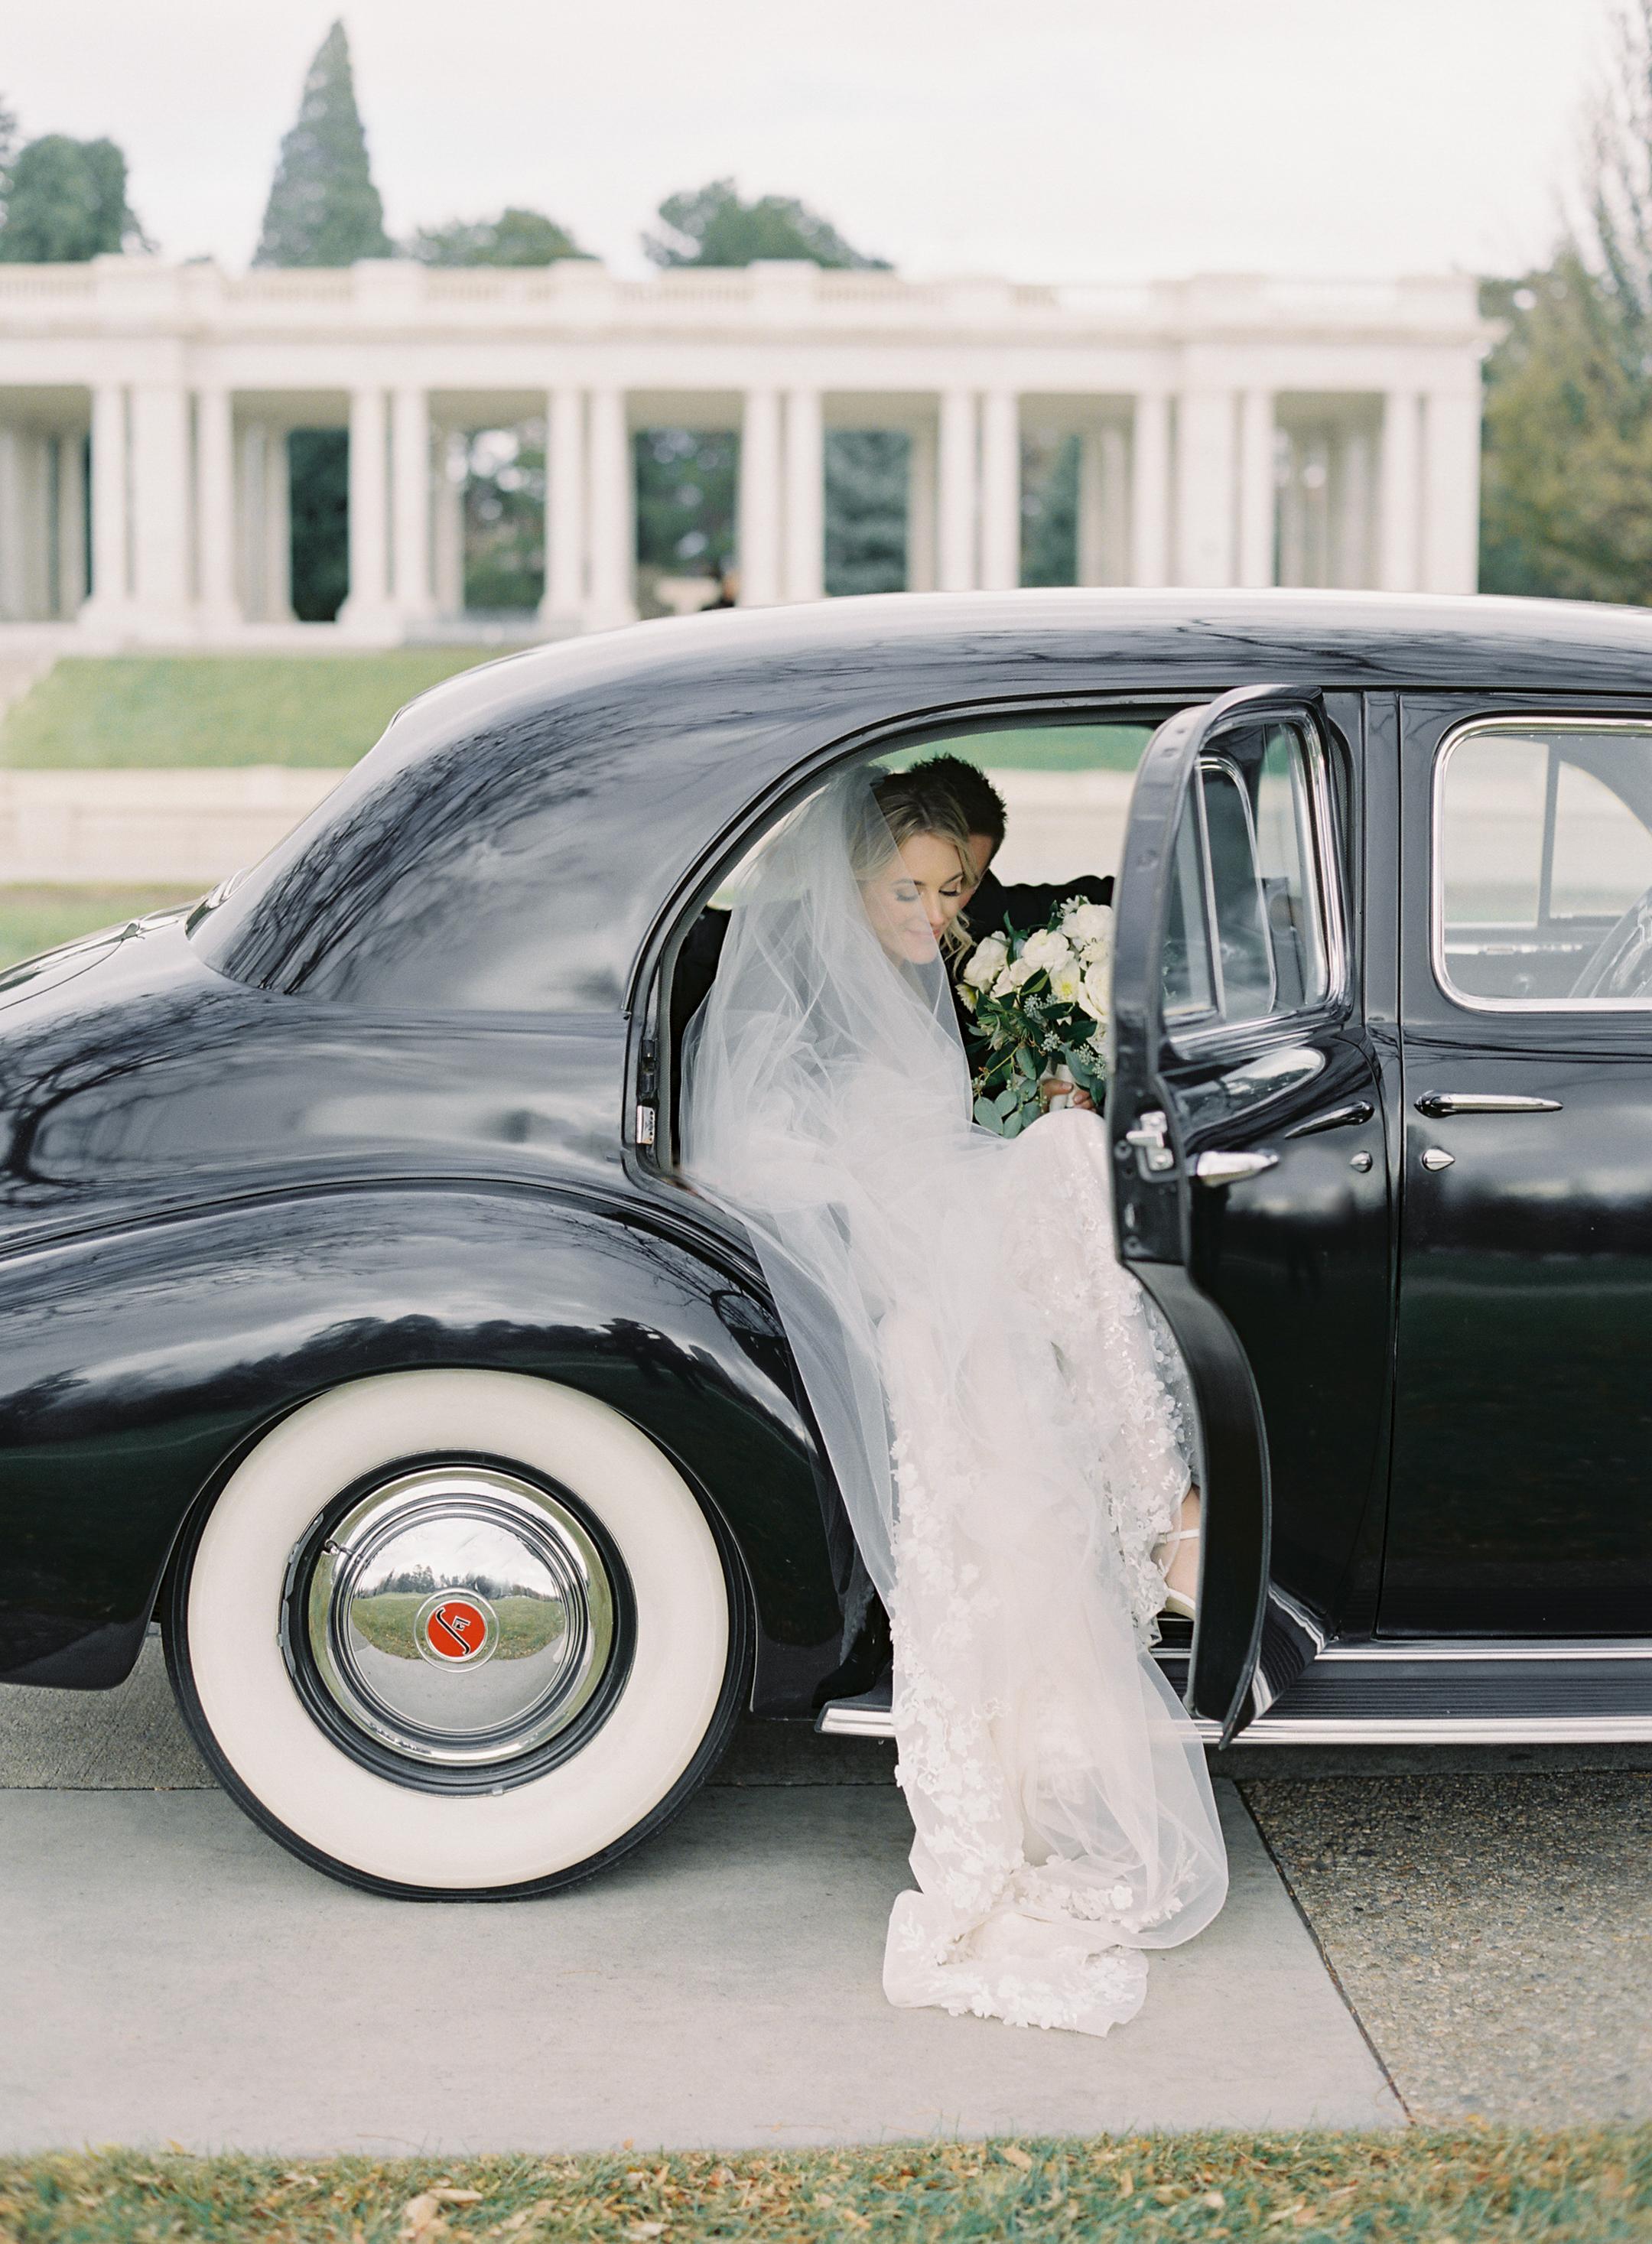 Sarah and John Wedding-Carrie King Photographer-27.jpg